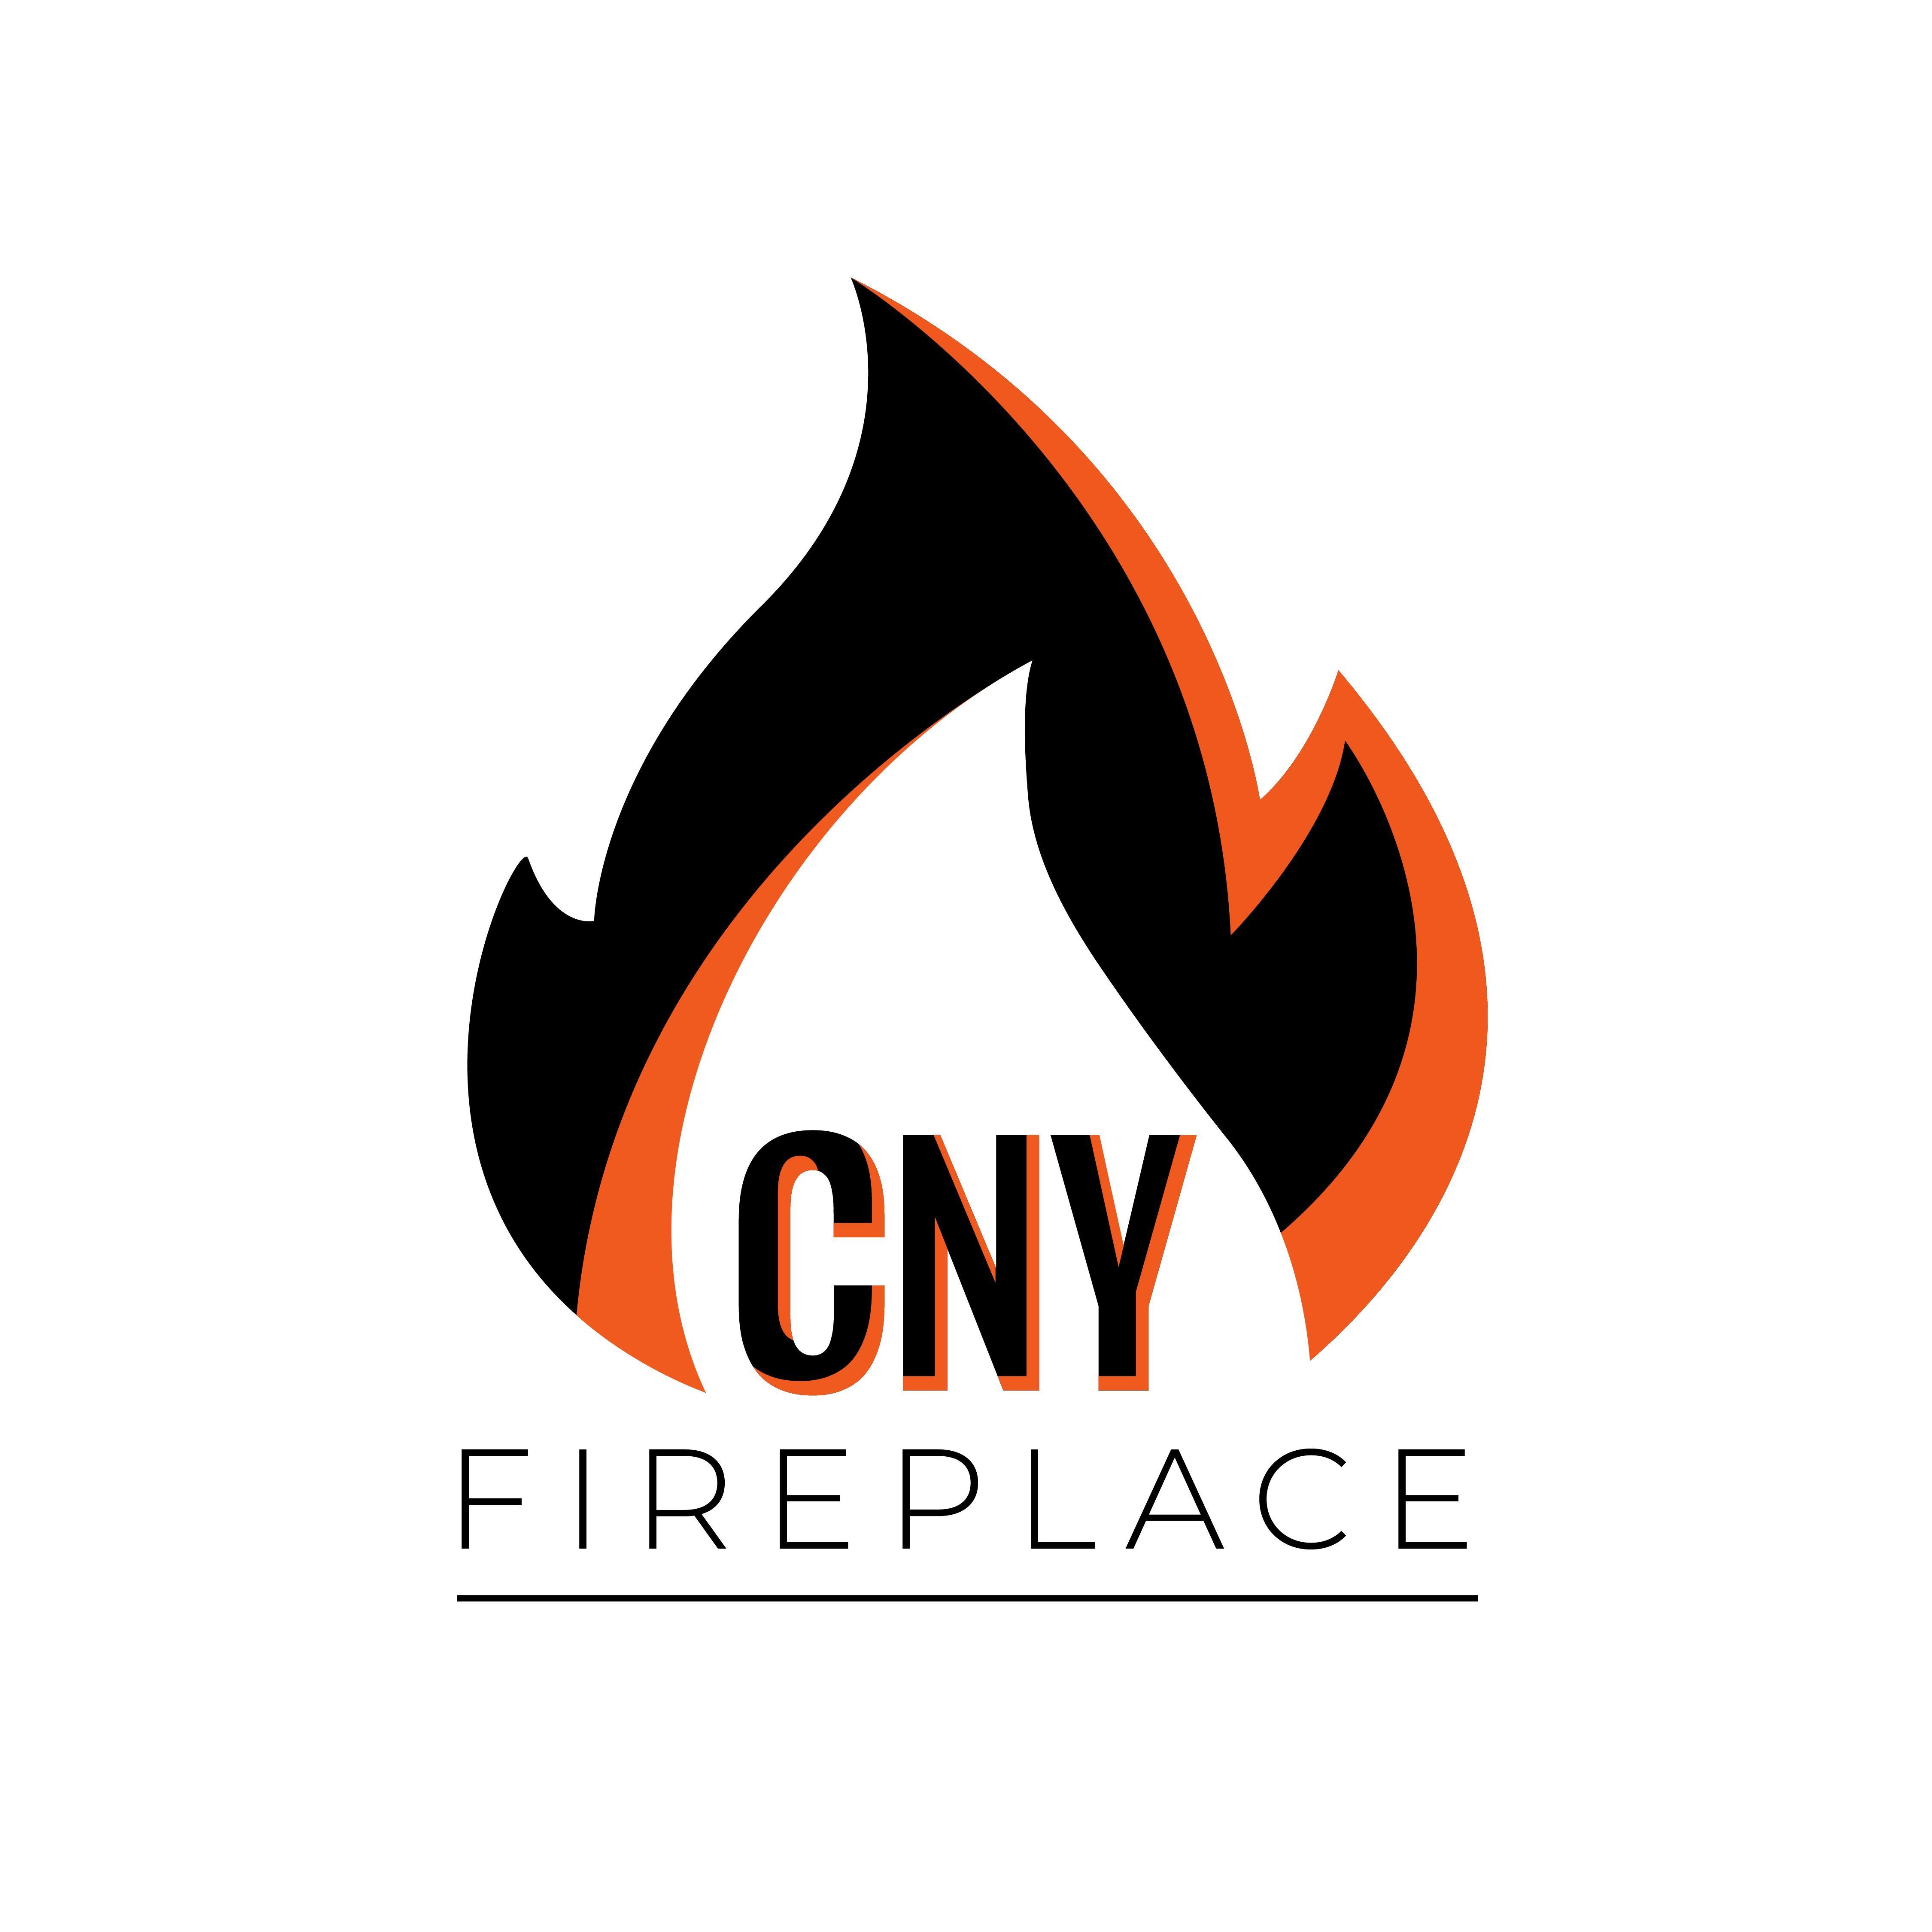 CNY Fireplace - Weedsport, NY 13166 - (315)515-9215 | ShowMeLocal.com